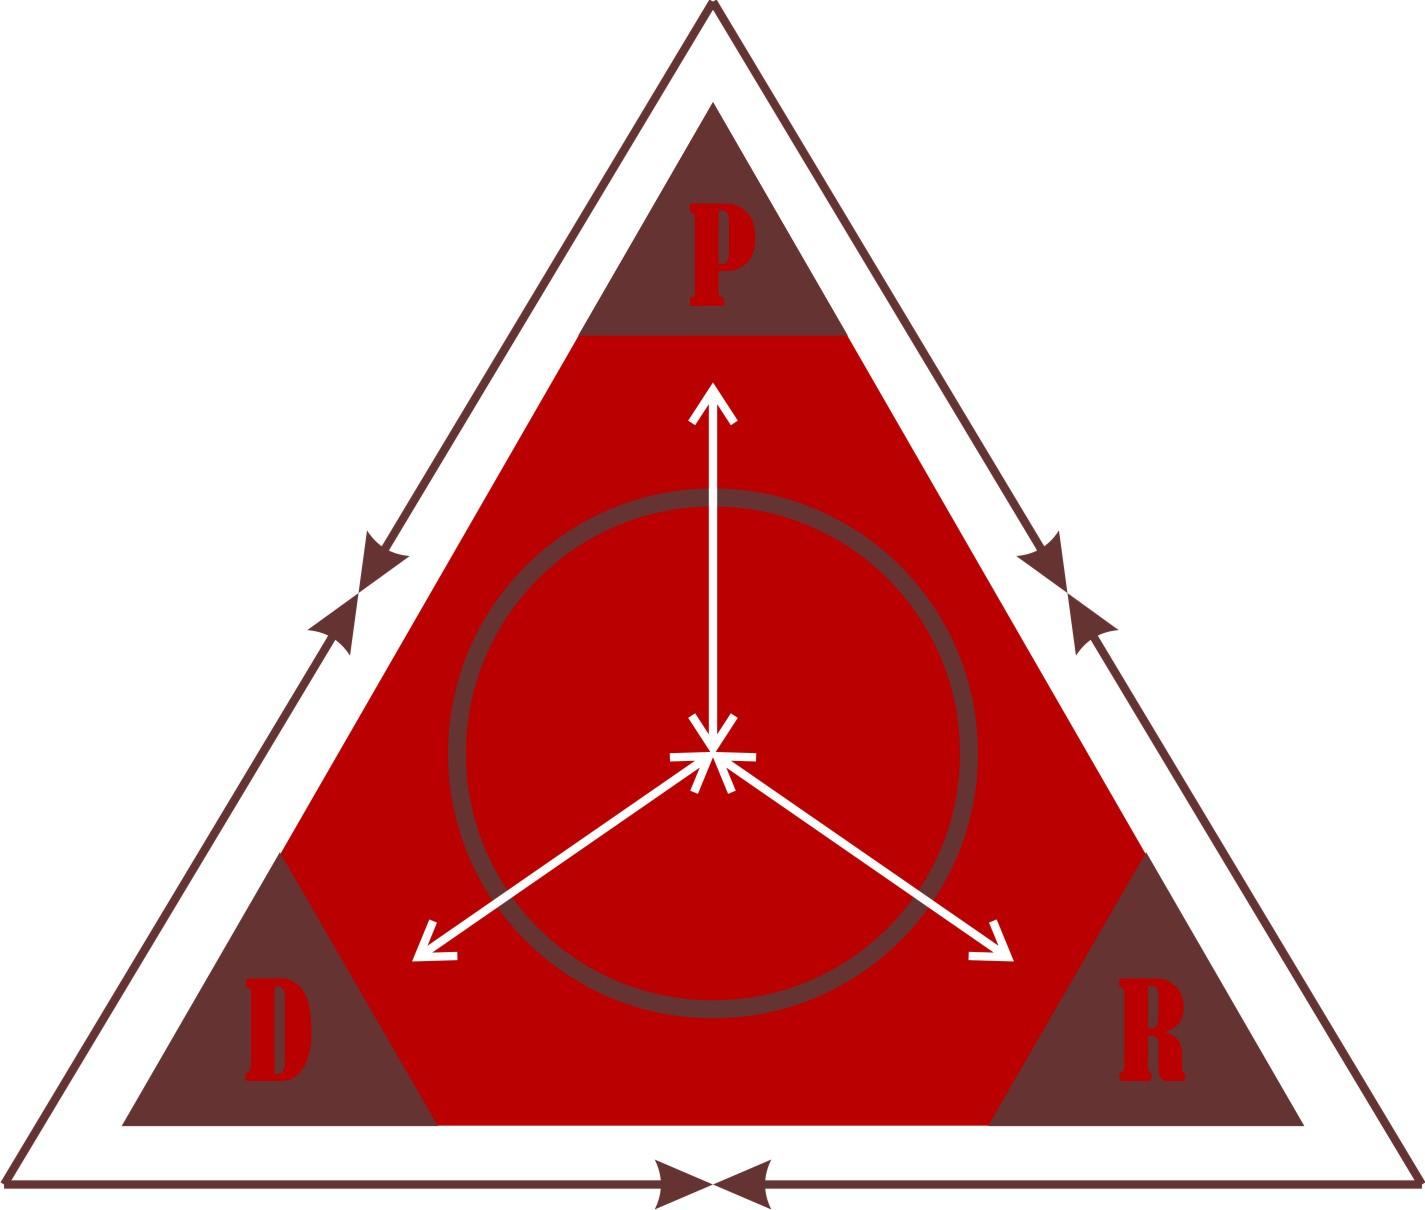 segitiga setan logo 58b46bf9b47e613a070fe83f